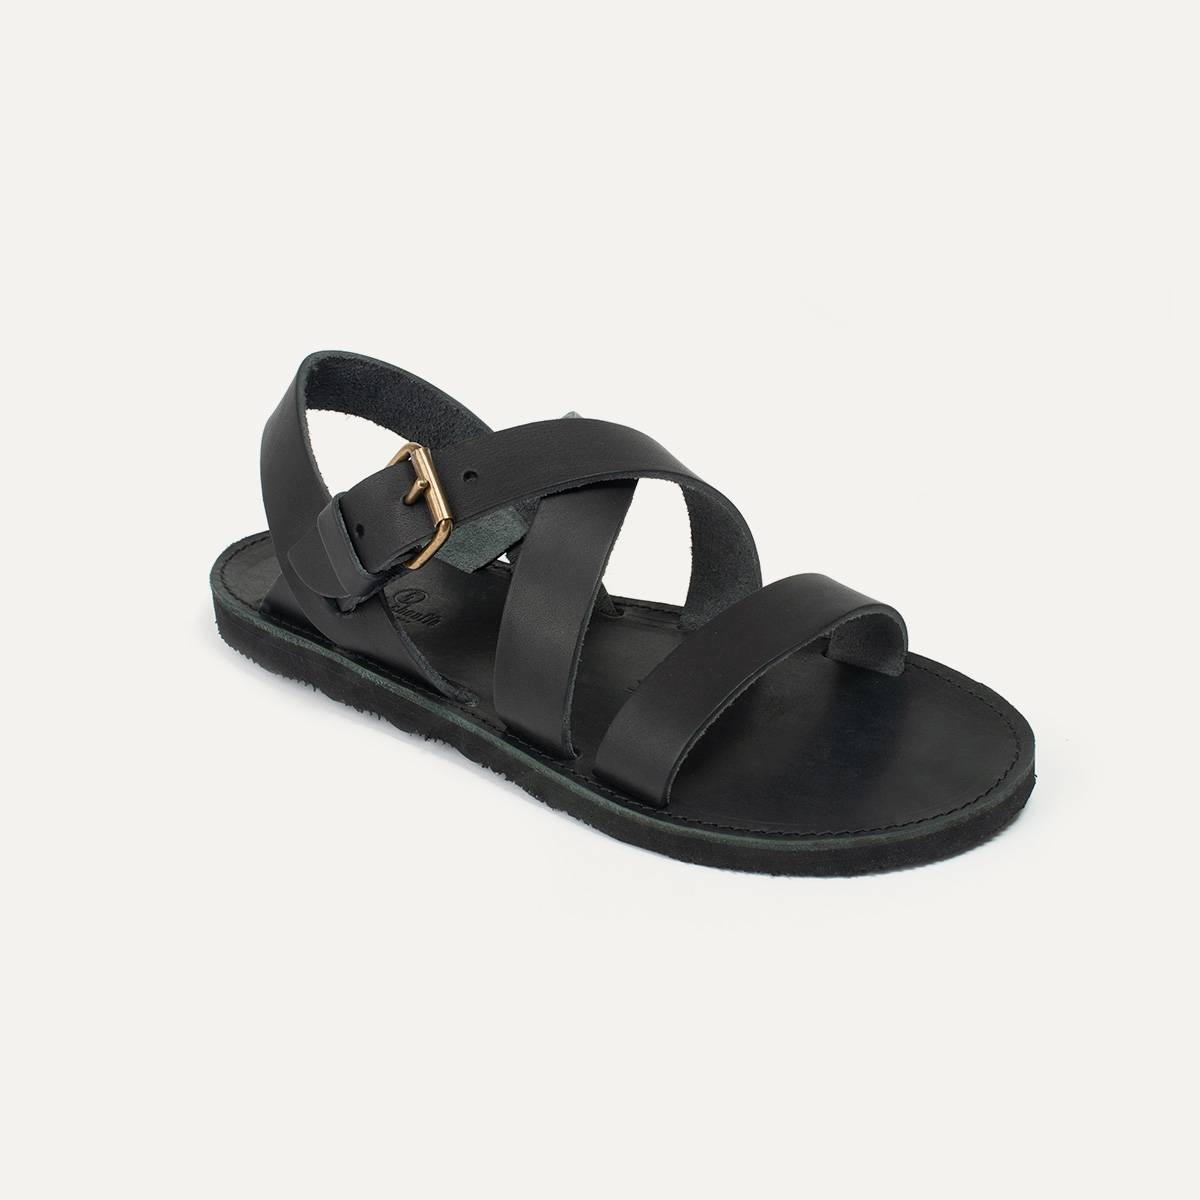 Iwate leather sandals - Black (image n°3)